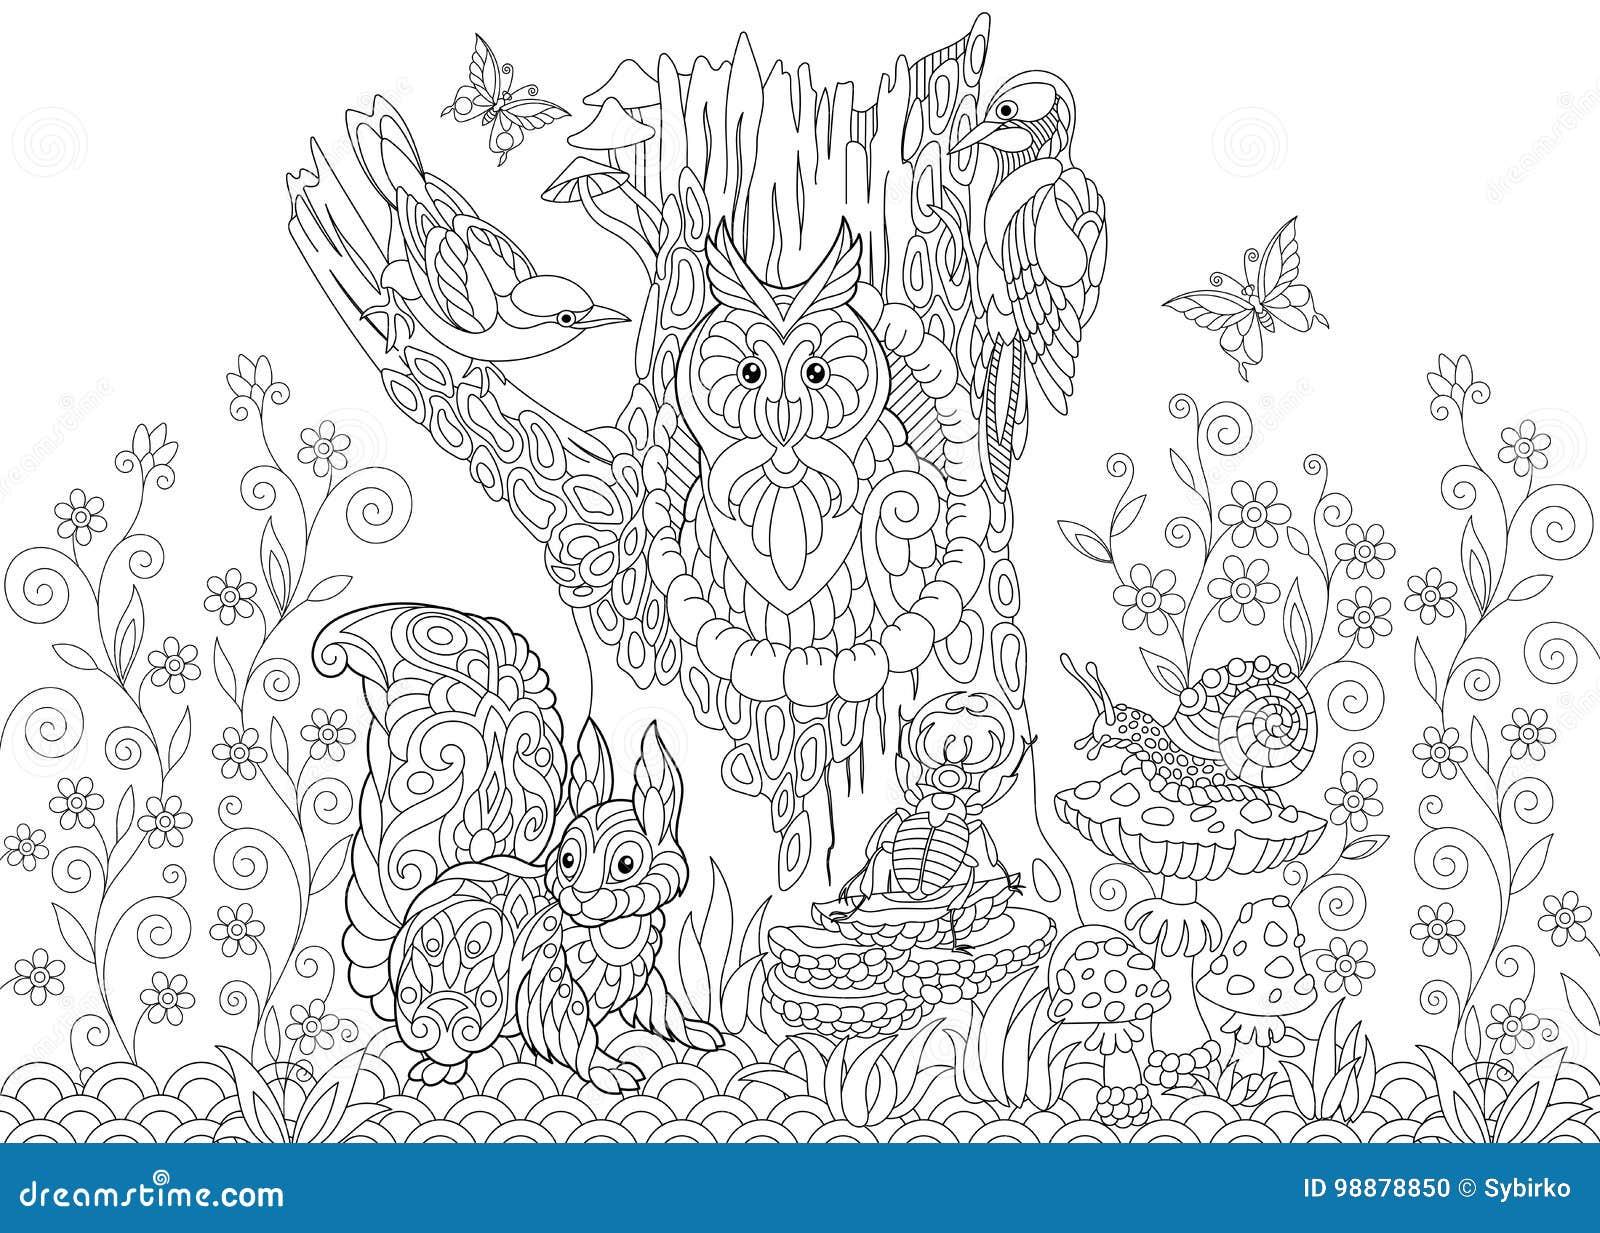 Zentangle a stylisé des animaux de forêt